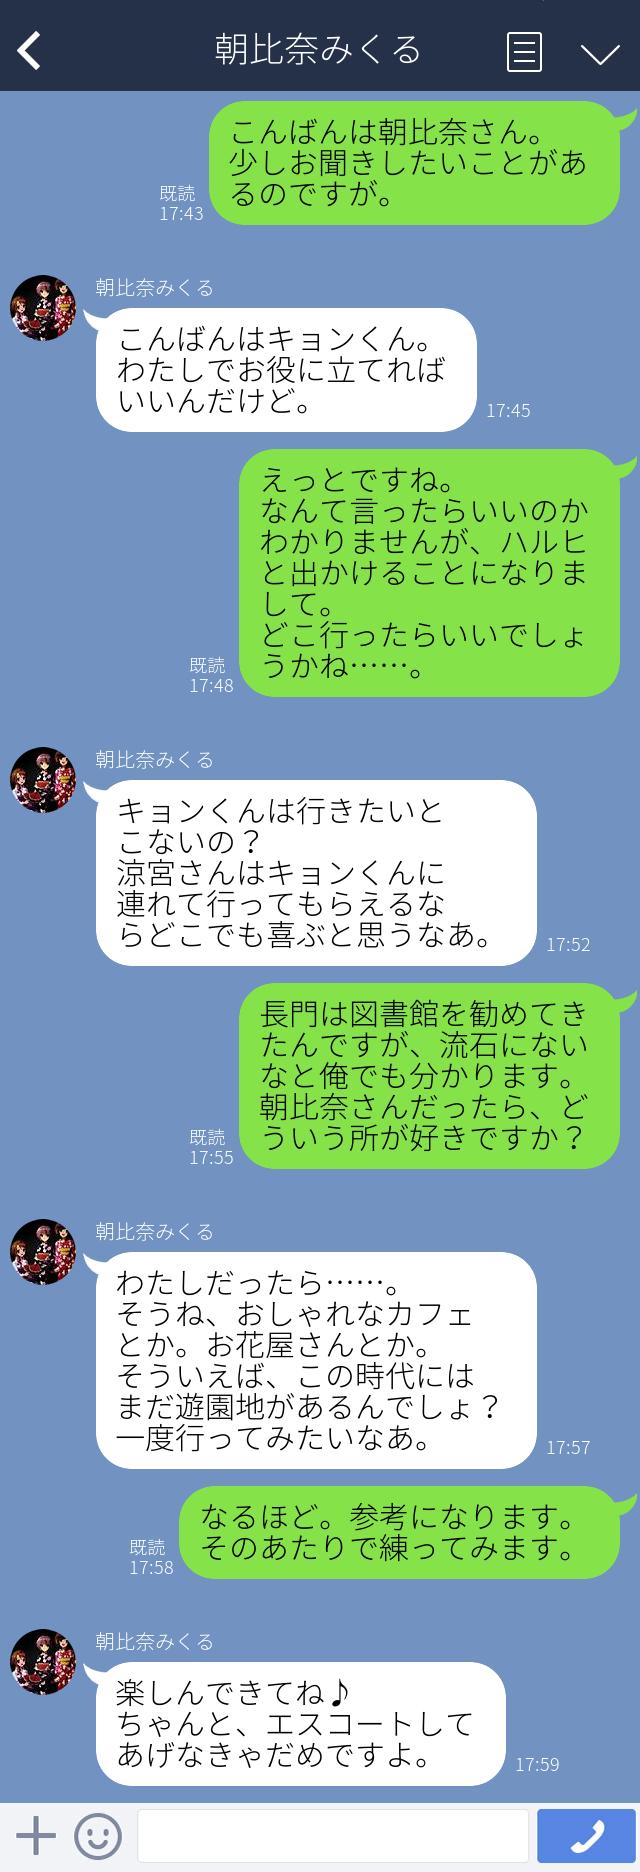 hira149146